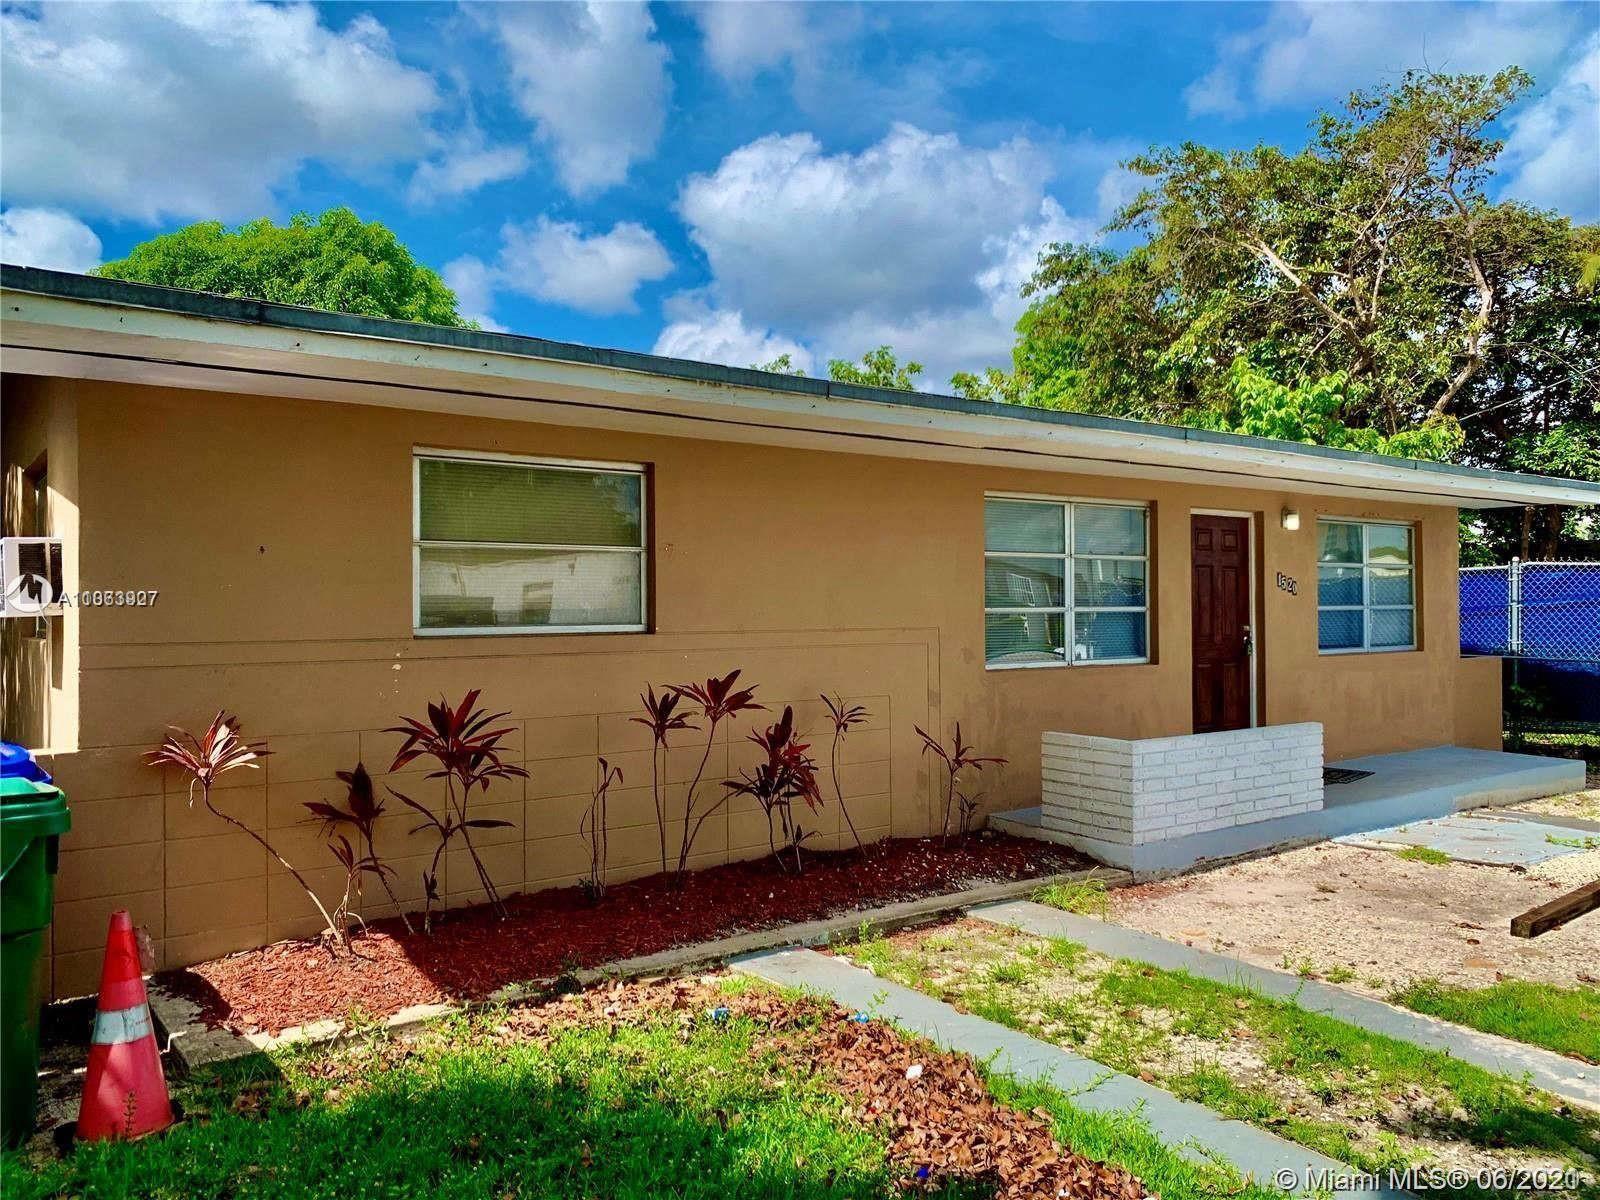 1520 NW 28th St, Miami, FL 33142 - #: A11063927